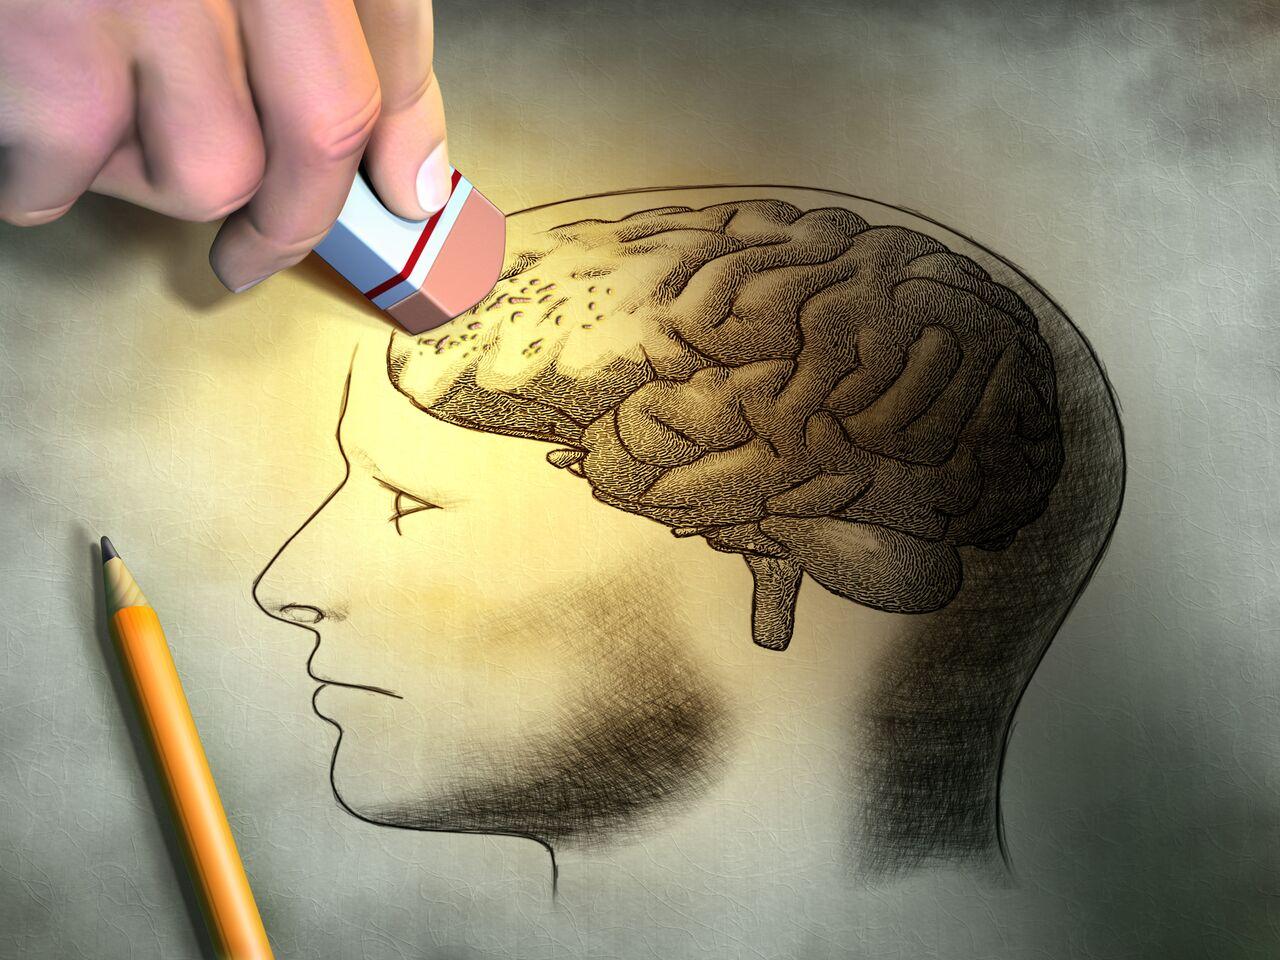 要特意忘掉一些記憶比要記住一些內容付出的勞動更大。(Fotolia)